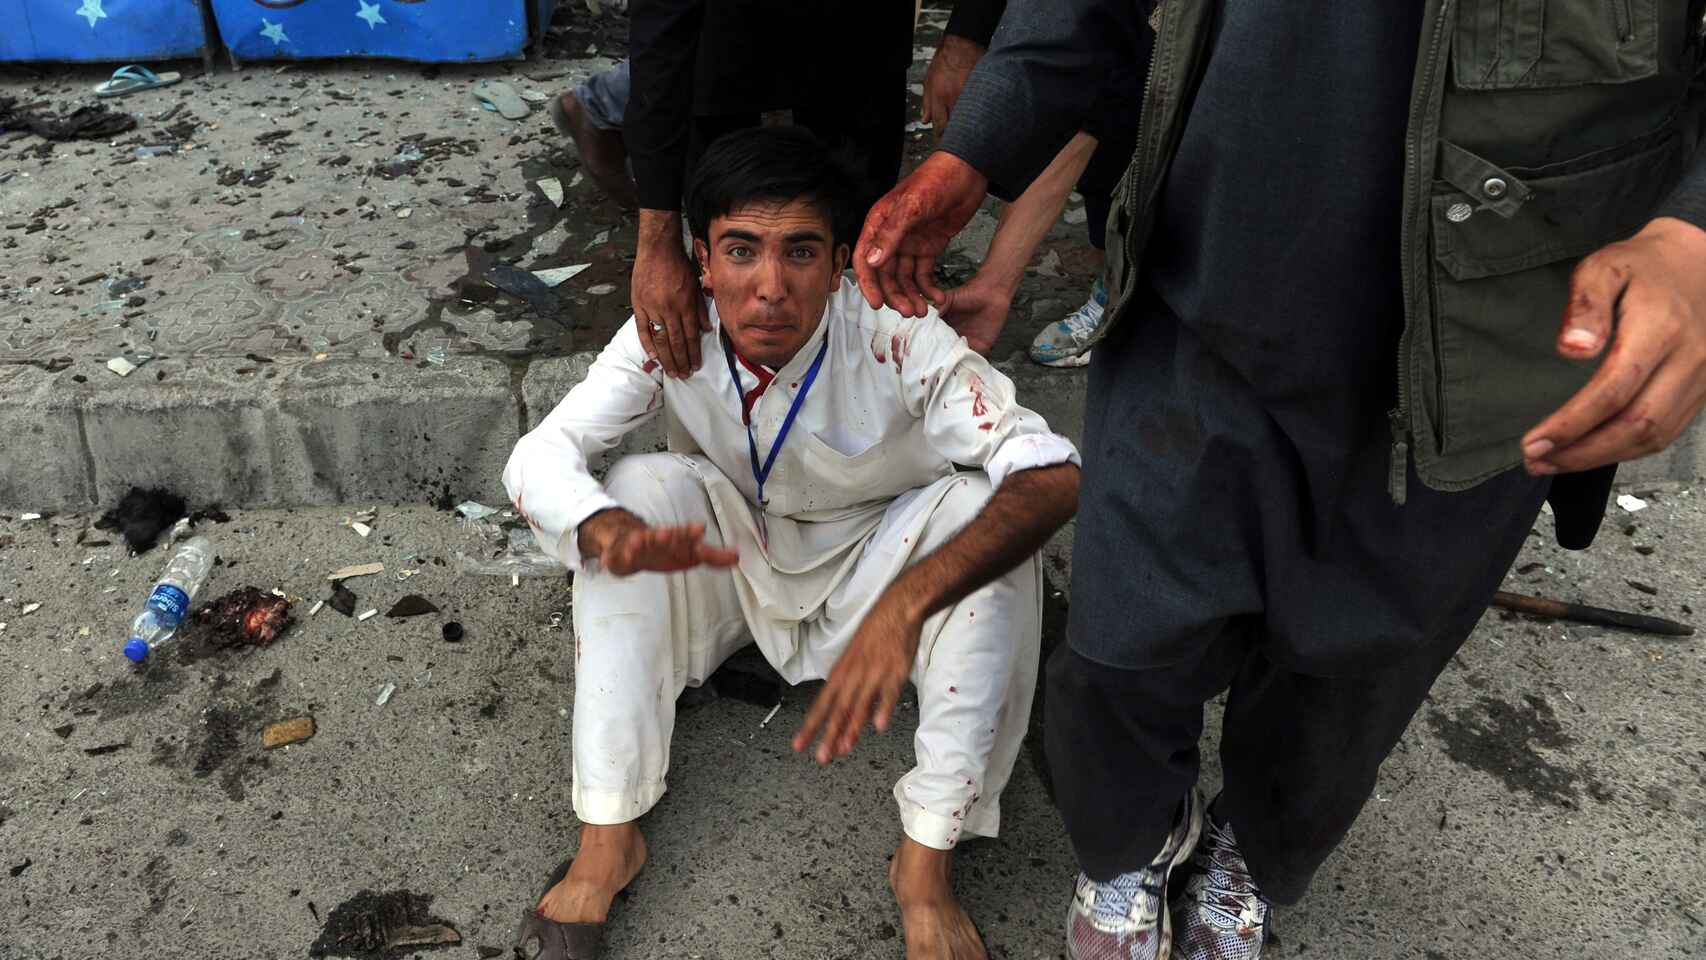 Afganistán: otro atentado islamista deja más de 50 muertos y 100 heridos junto a una escuela de mujeres